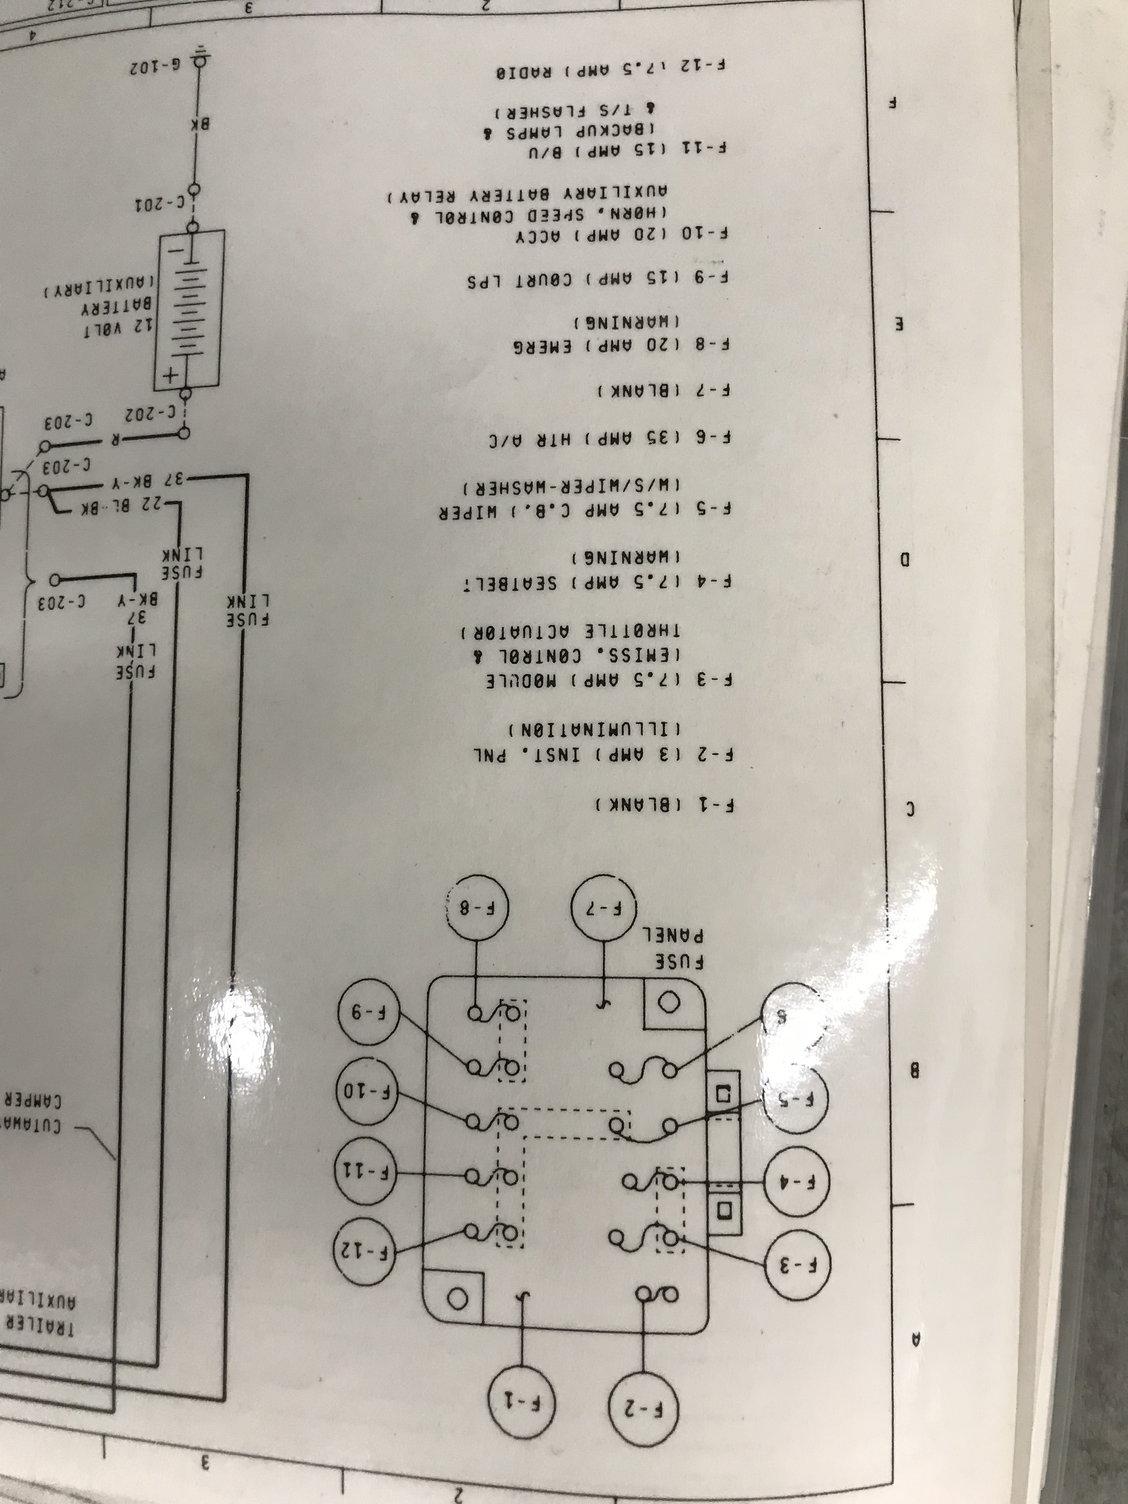 78 E250 Fuse Diagram